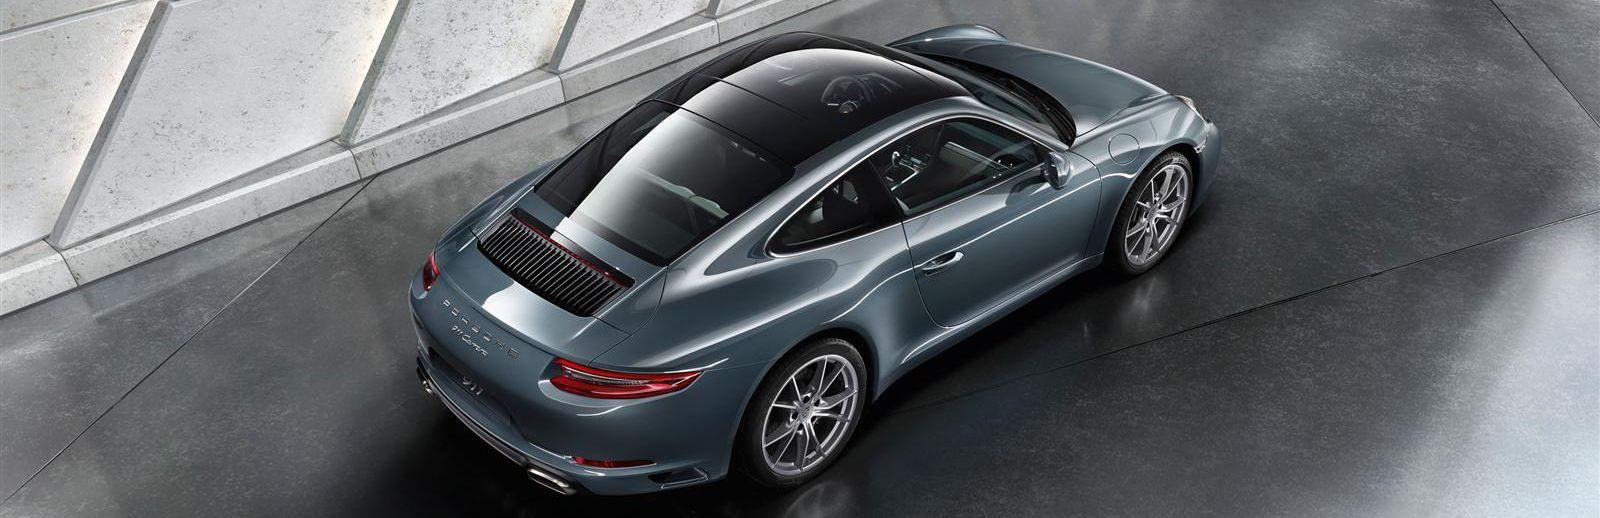 2017 Porsche 911 For Sale Near Dallas, TX